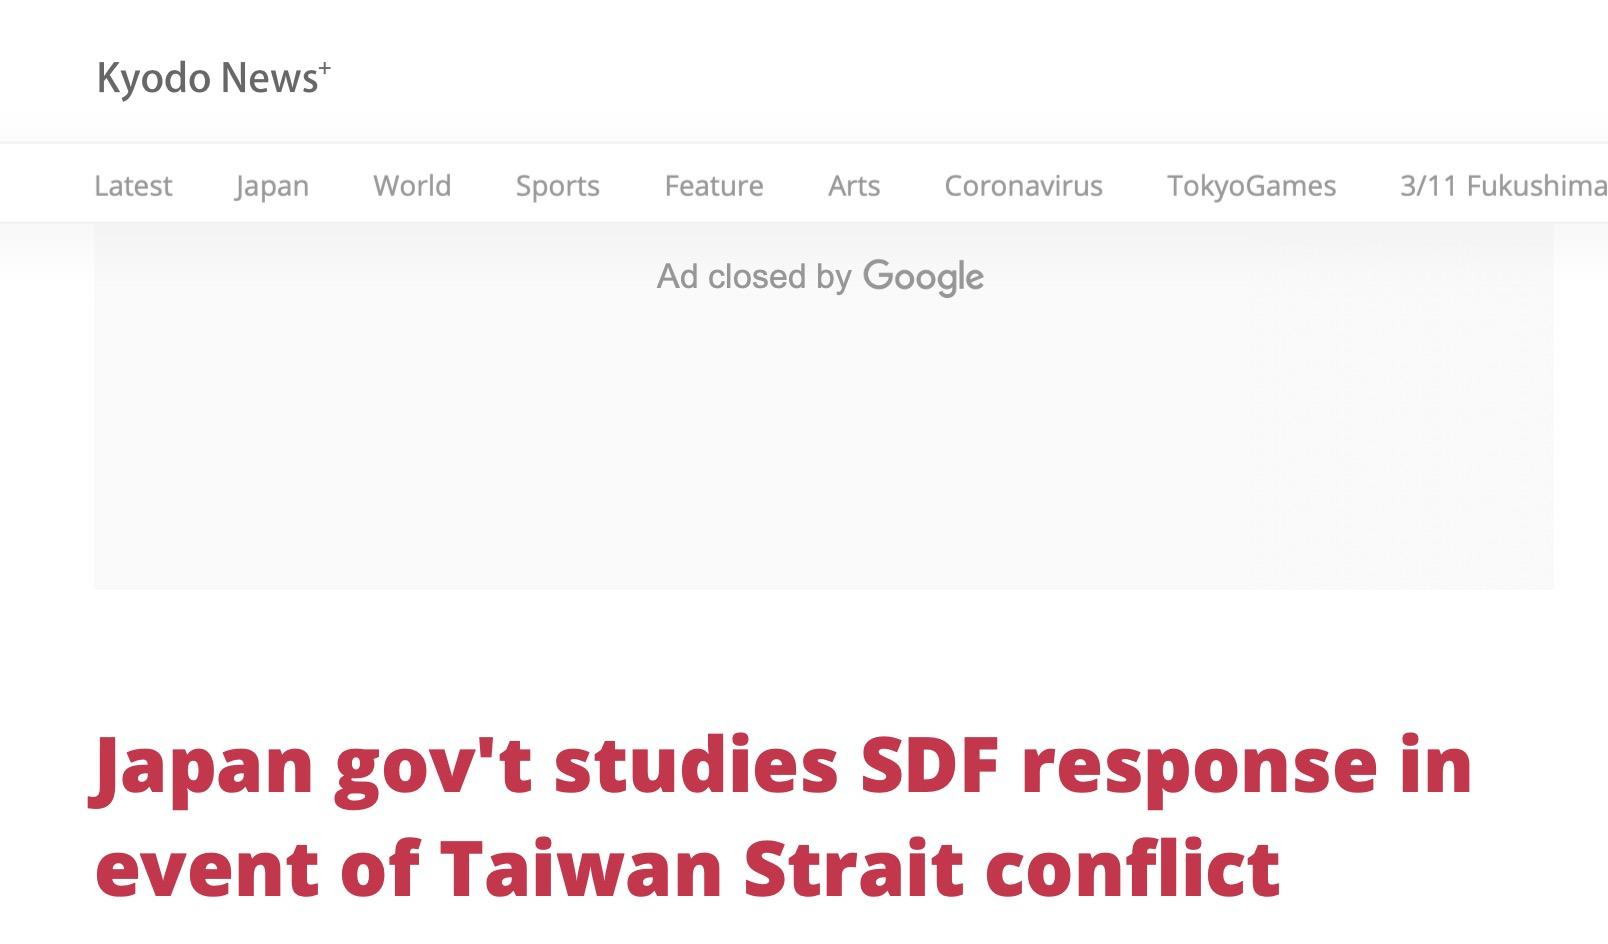 """又想插手?日媒爆料:日本政府正讨论自卫队如何应对中美因台湾问题发生""""军事冲突"""""""